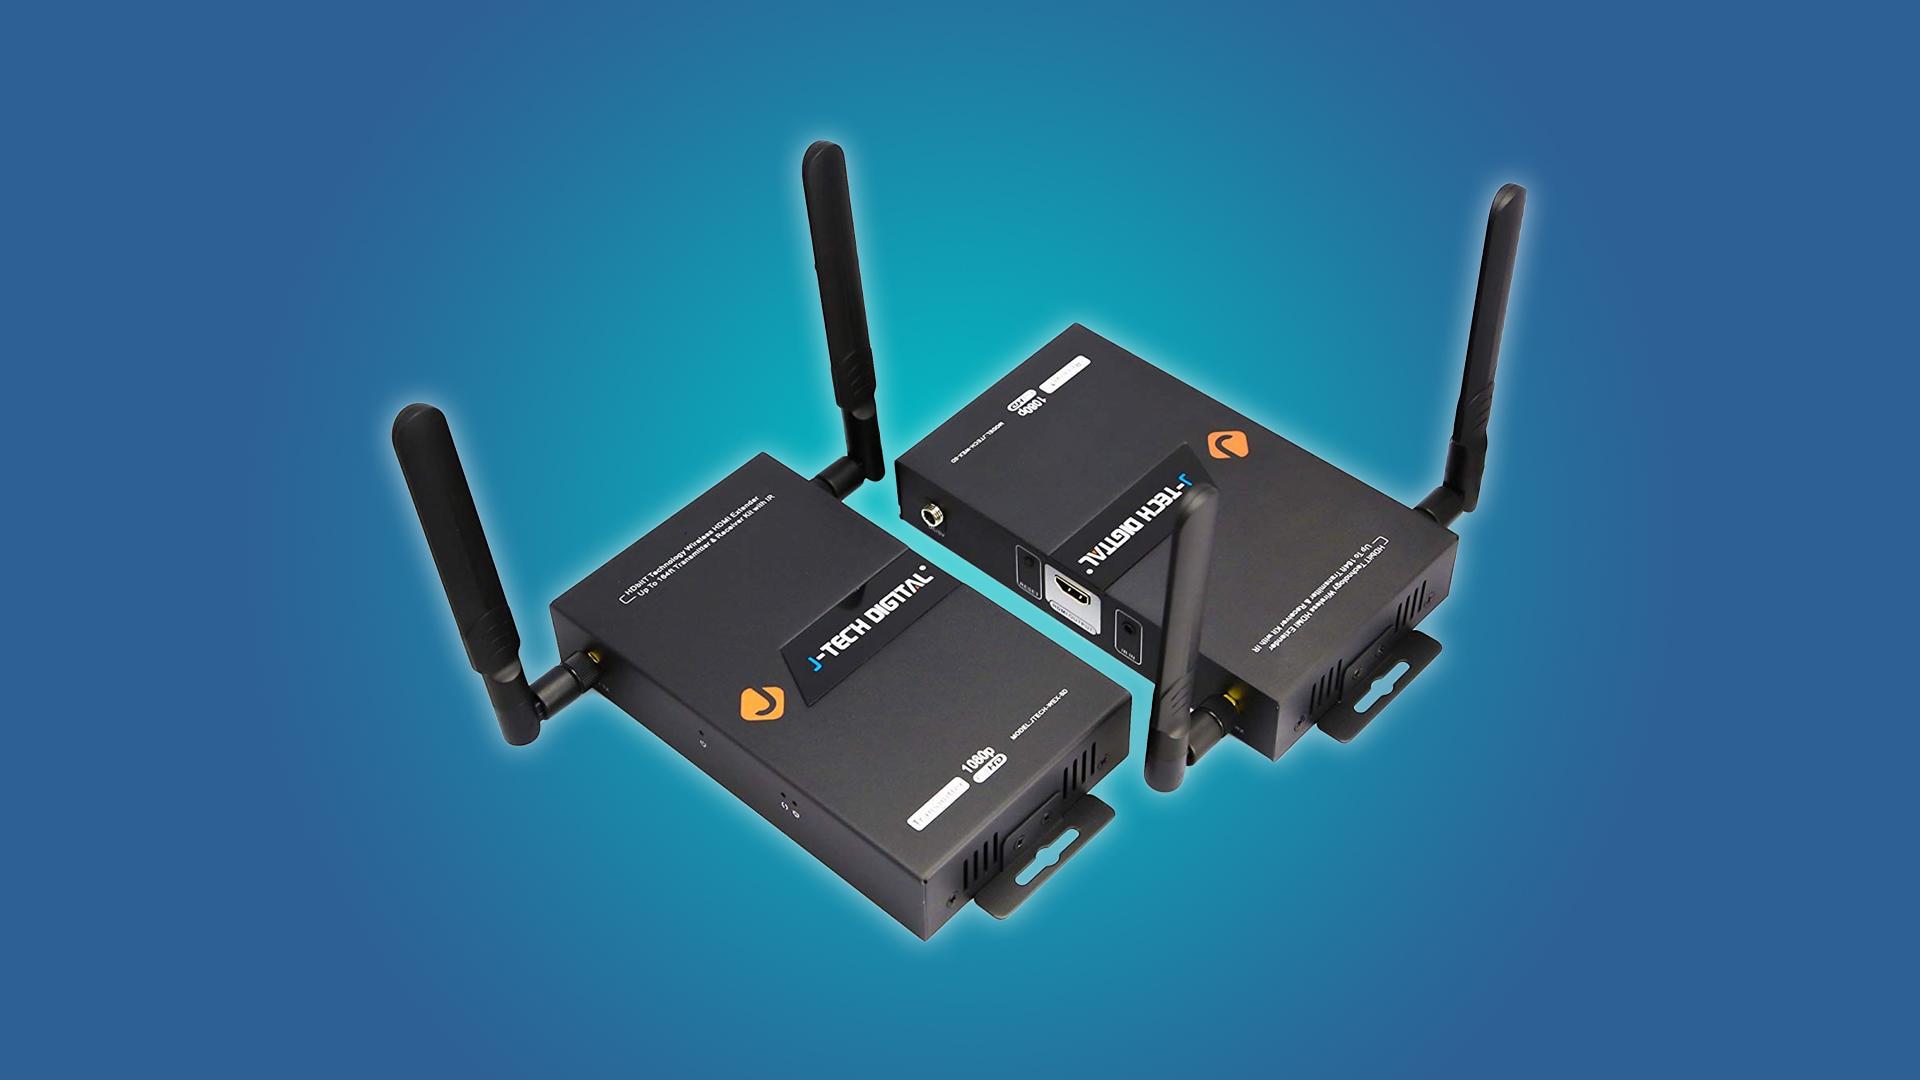 The J-Tech Digital HDbitT transmitter and reciever